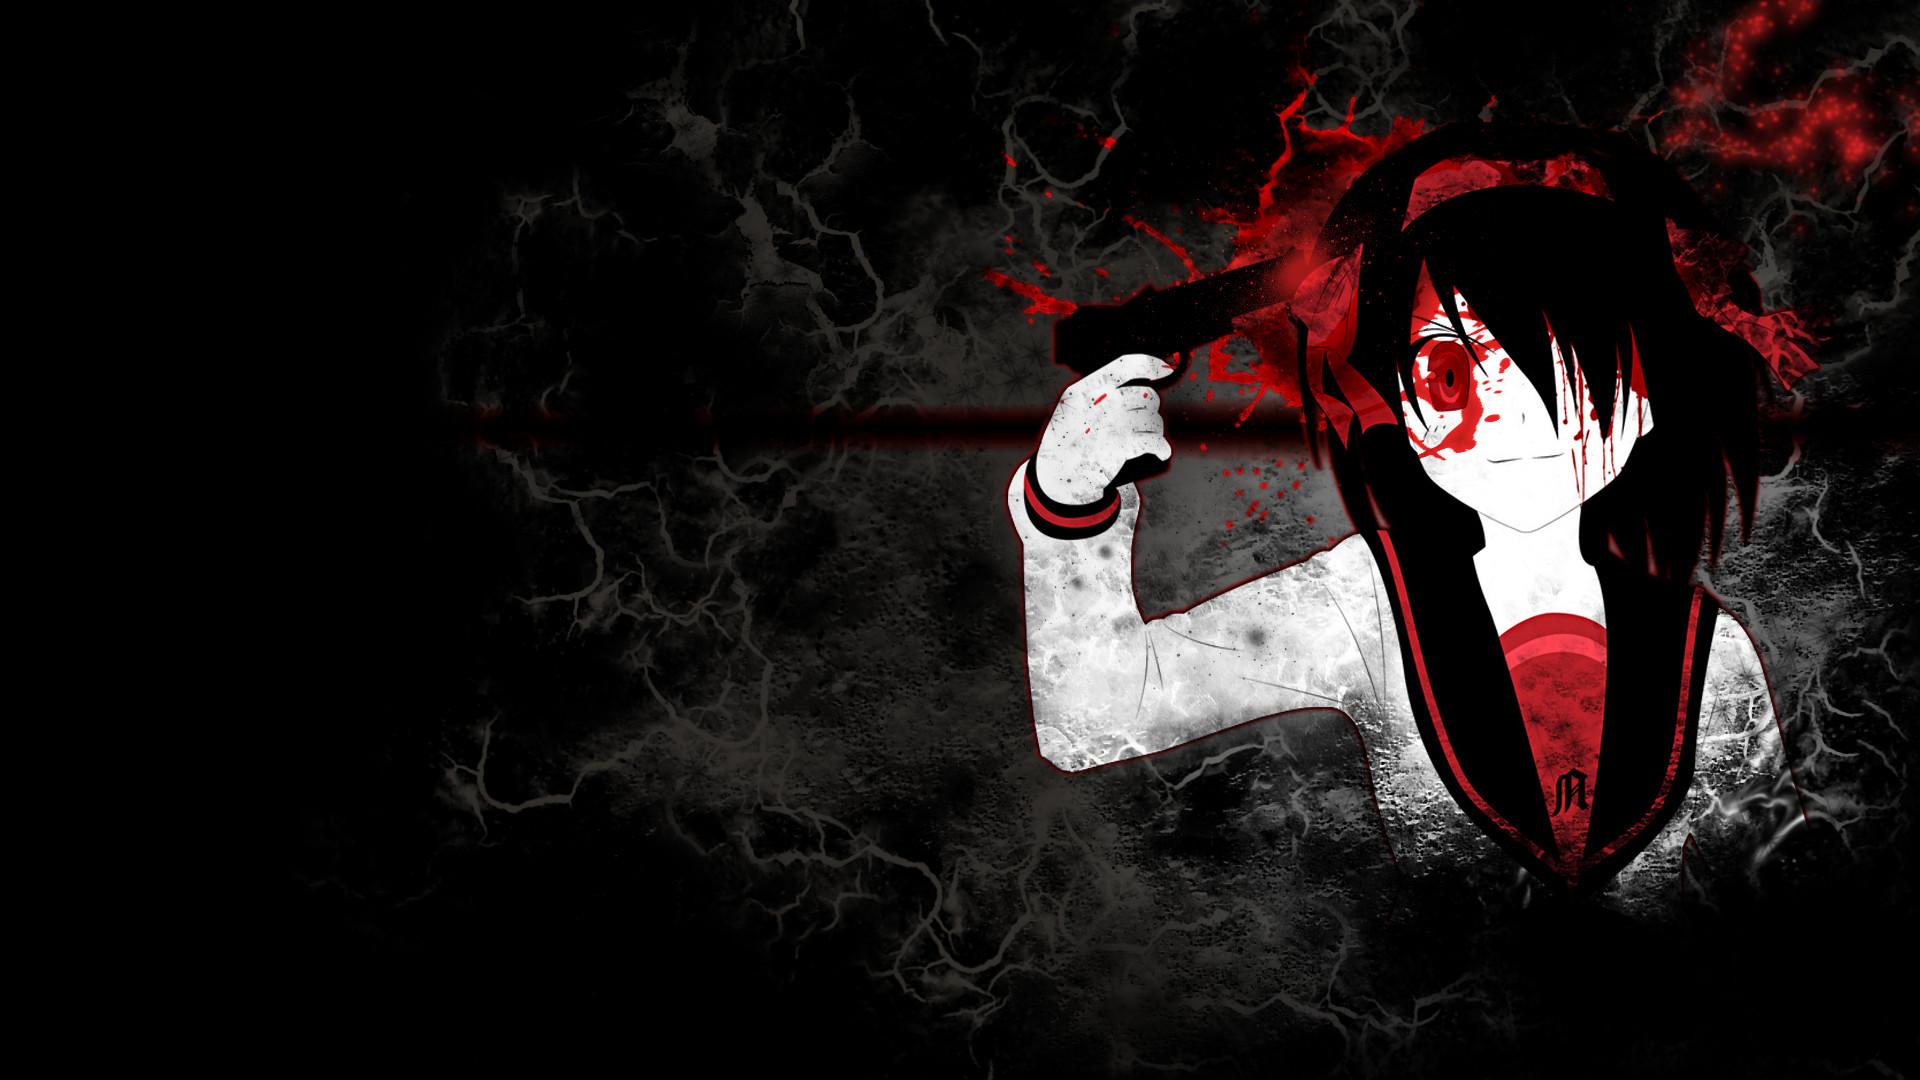 Haruhi gore by eurunik on deviantart for Imagenes de anime gore